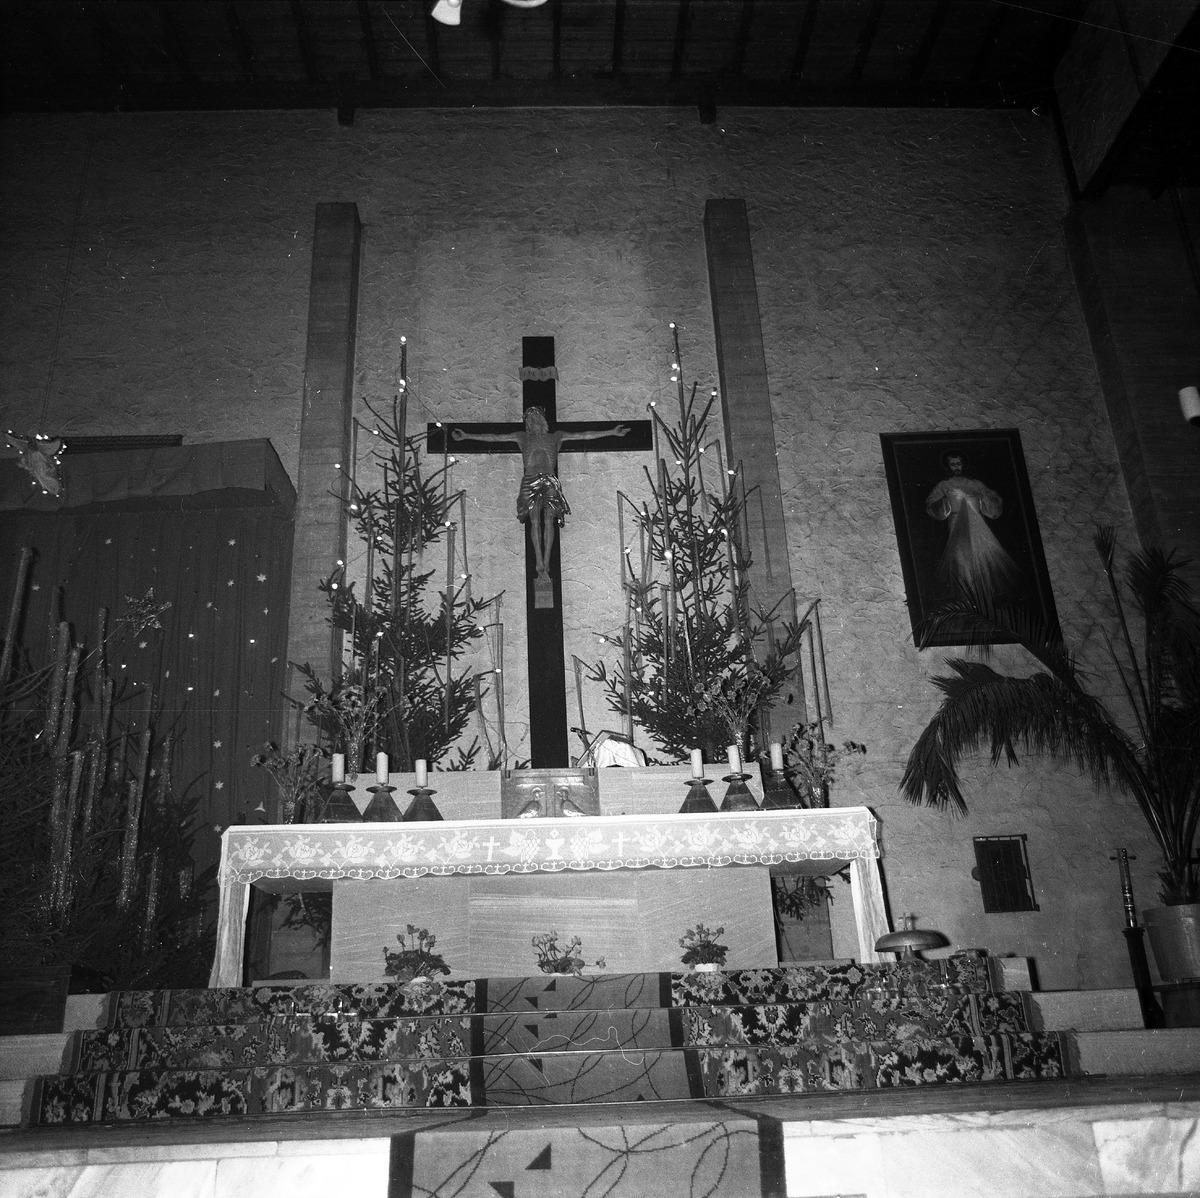 Ołtarz w kościele św. Brunona, 1970 r.